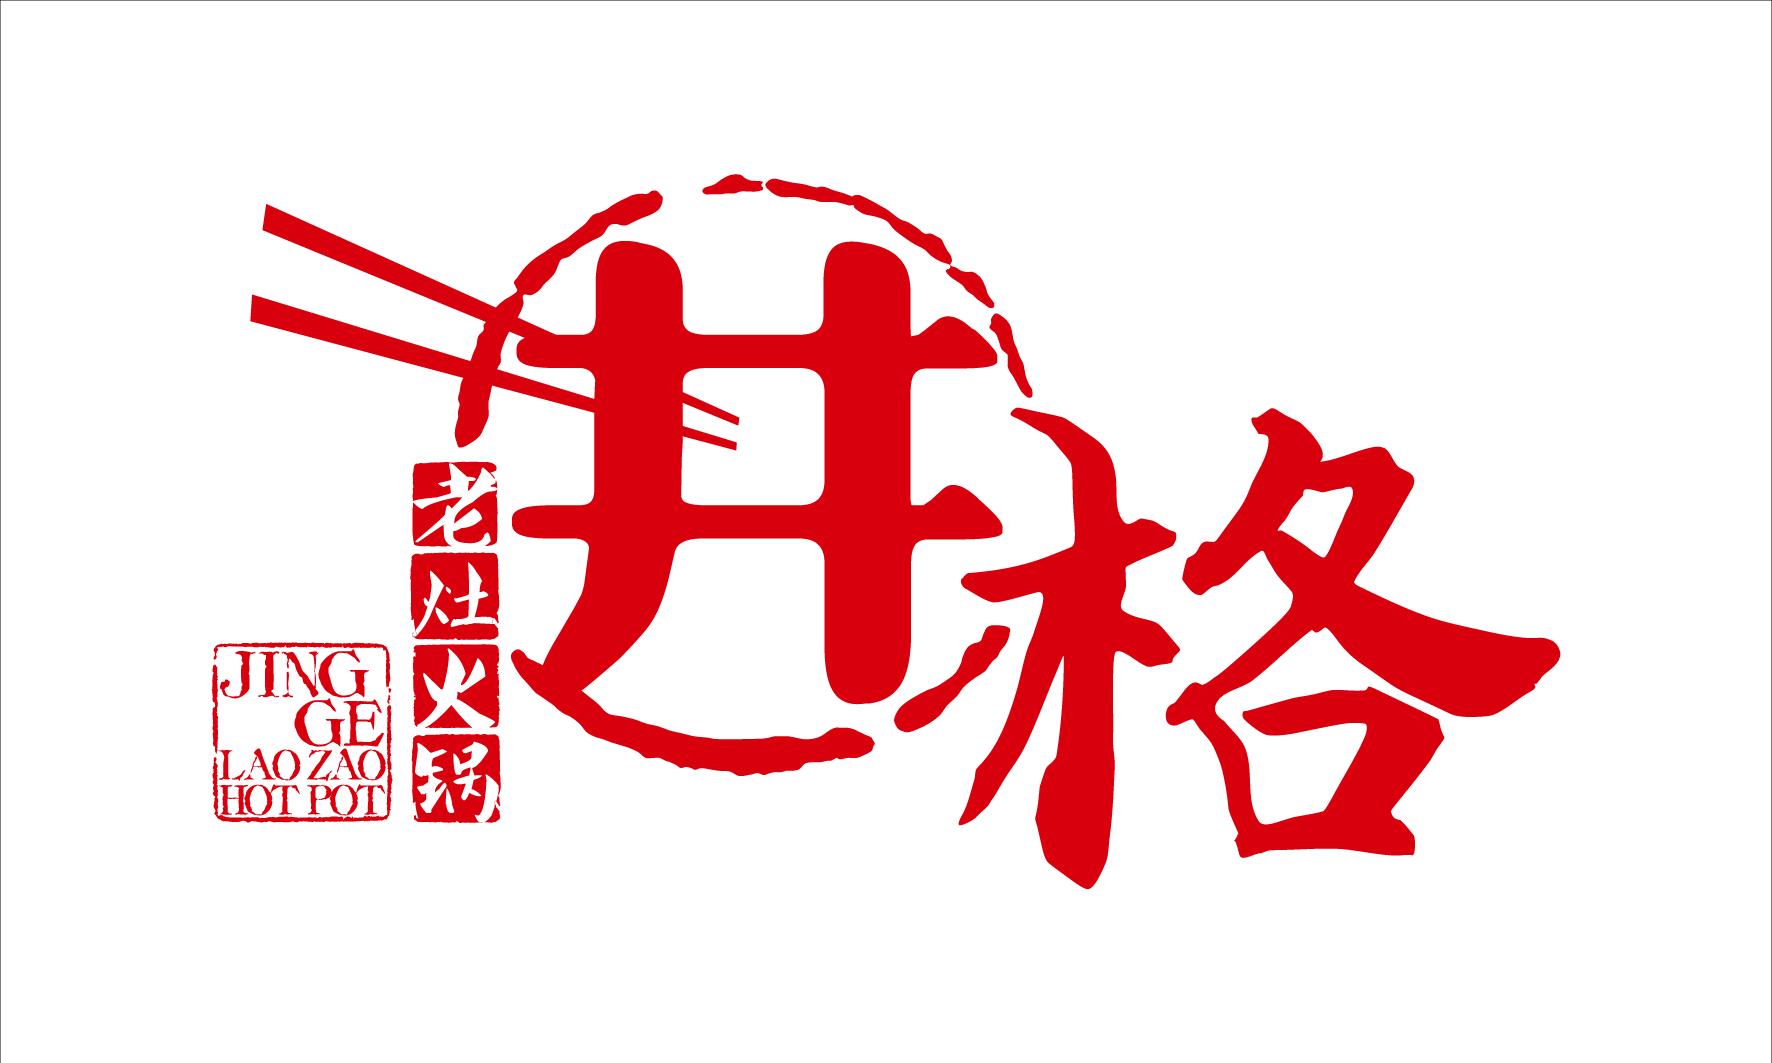 井格老灶火锅(西单大悦城店)